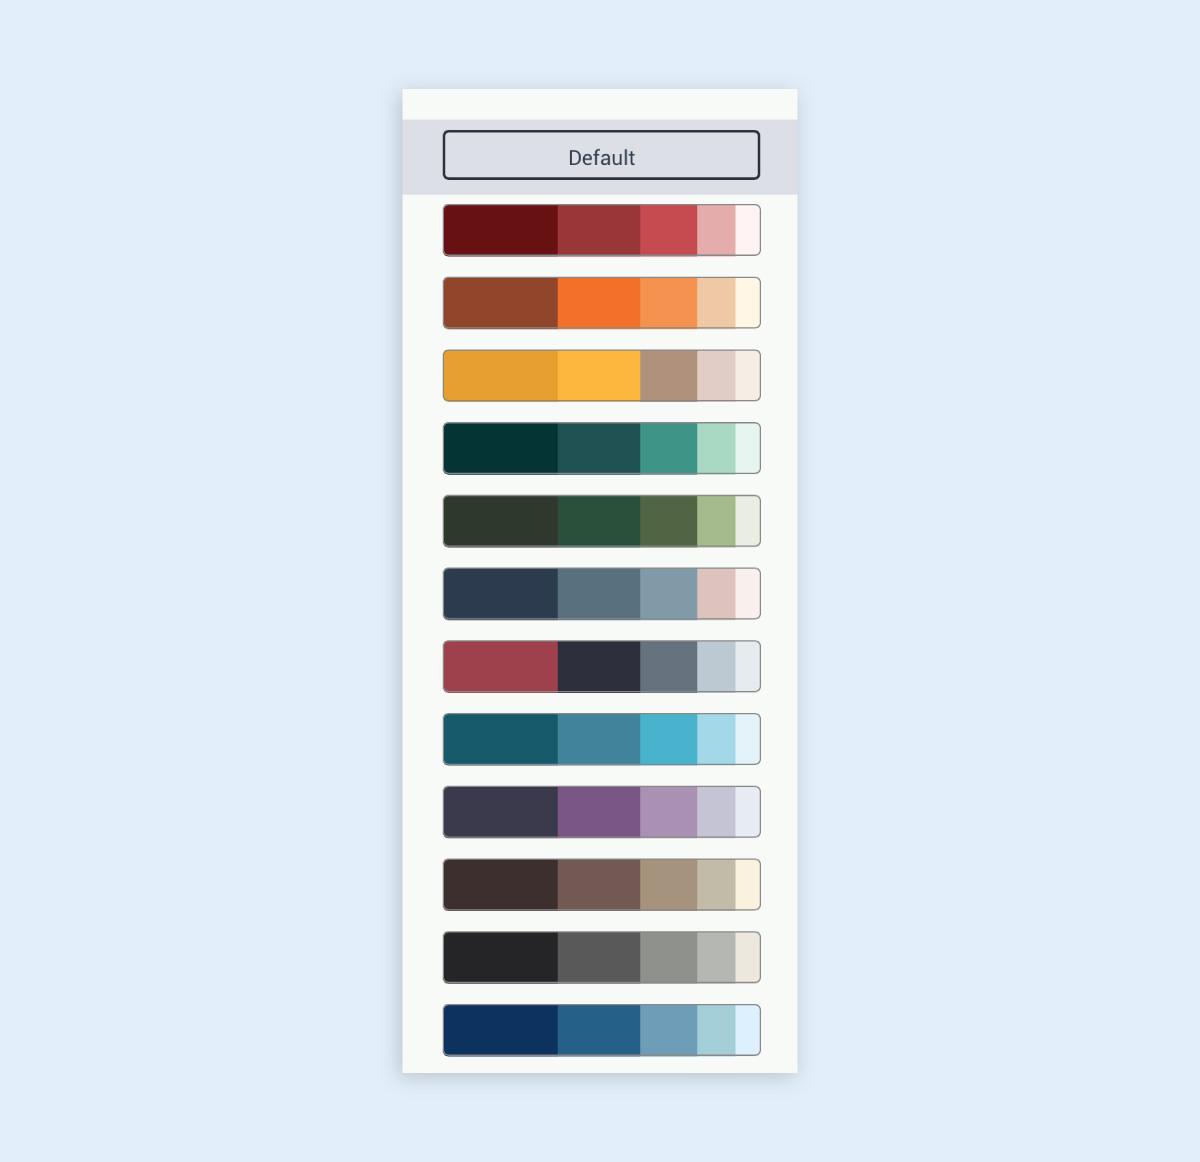 infographic best practice - color palette theme scheme visme tool